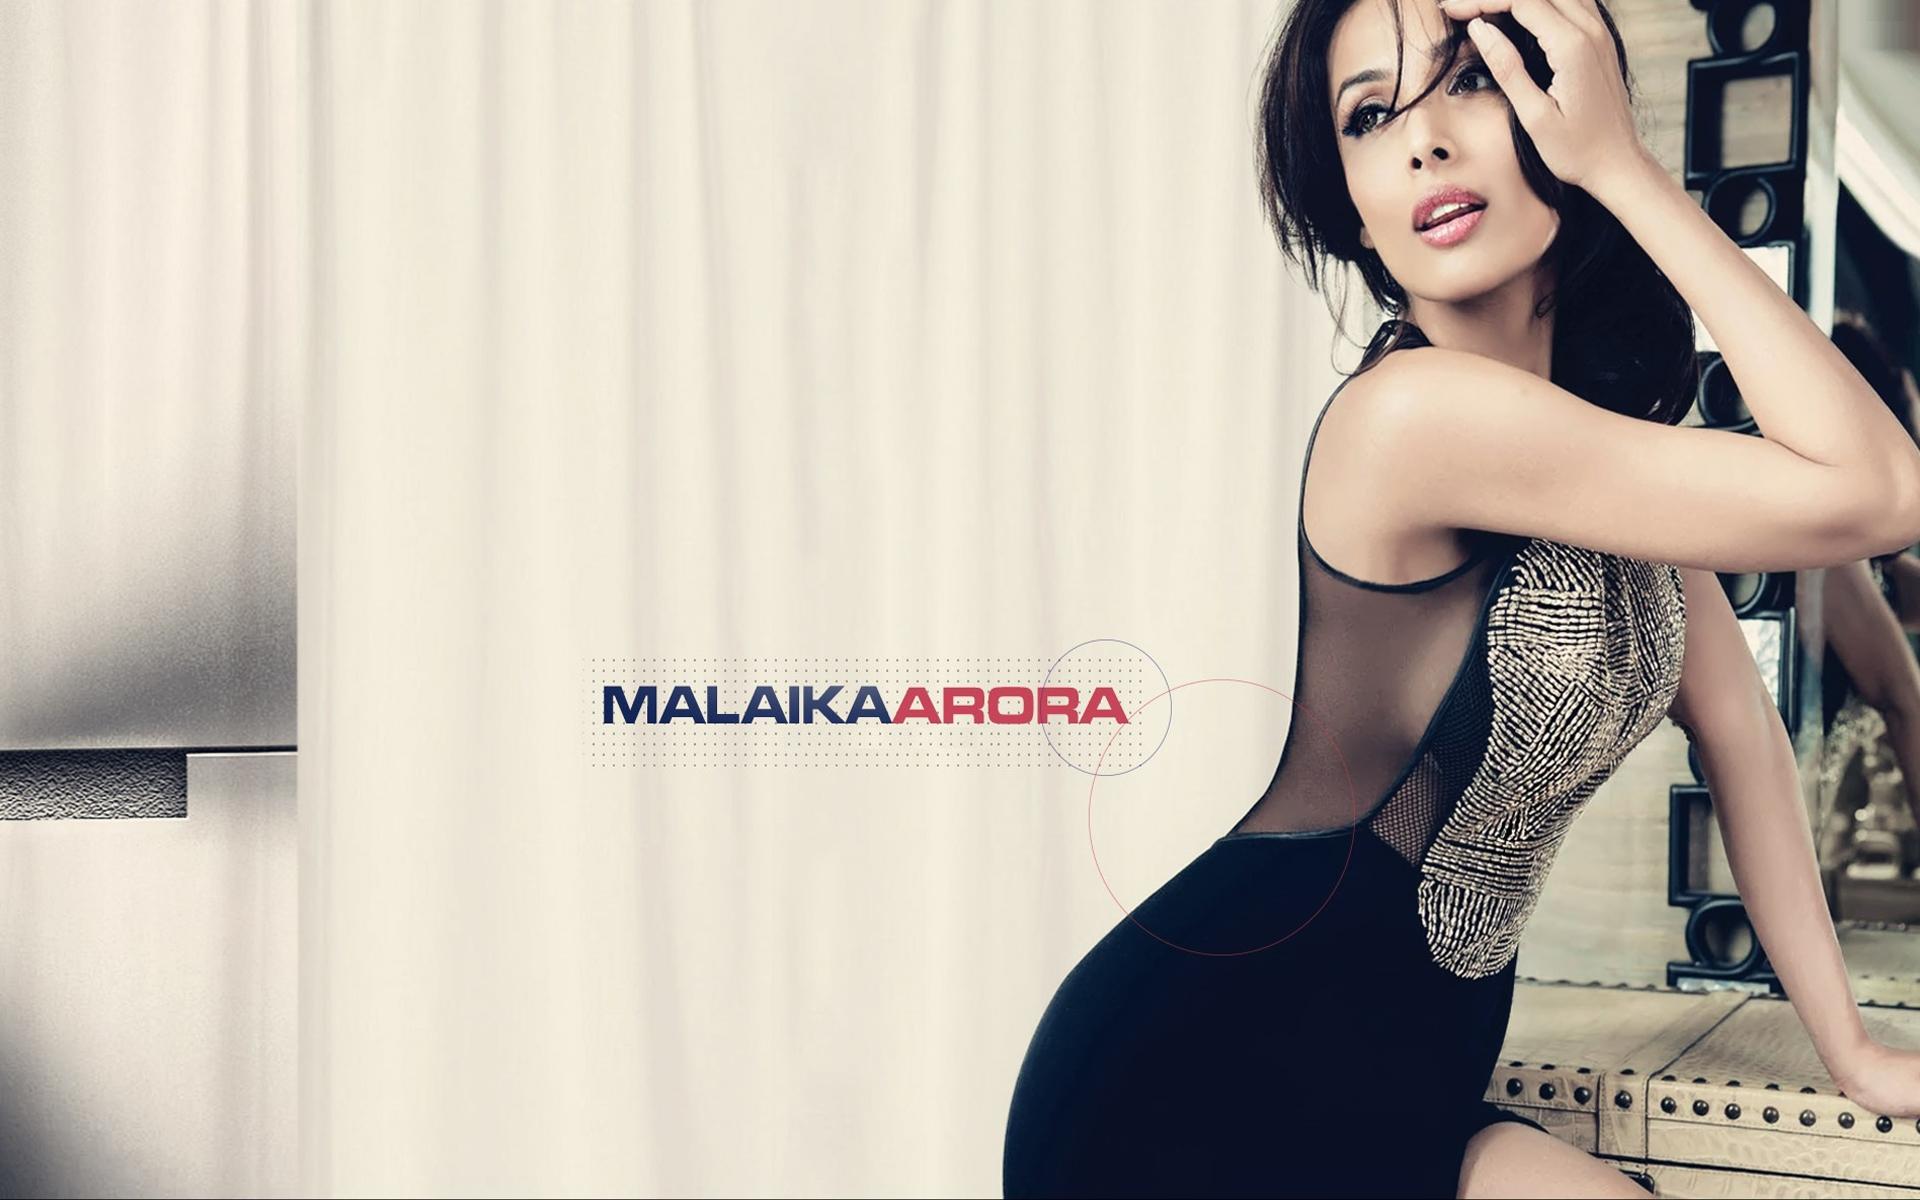 Malaika-Arora-Beautiful-Indian-Actress-Desktop-HD-Wallpaper